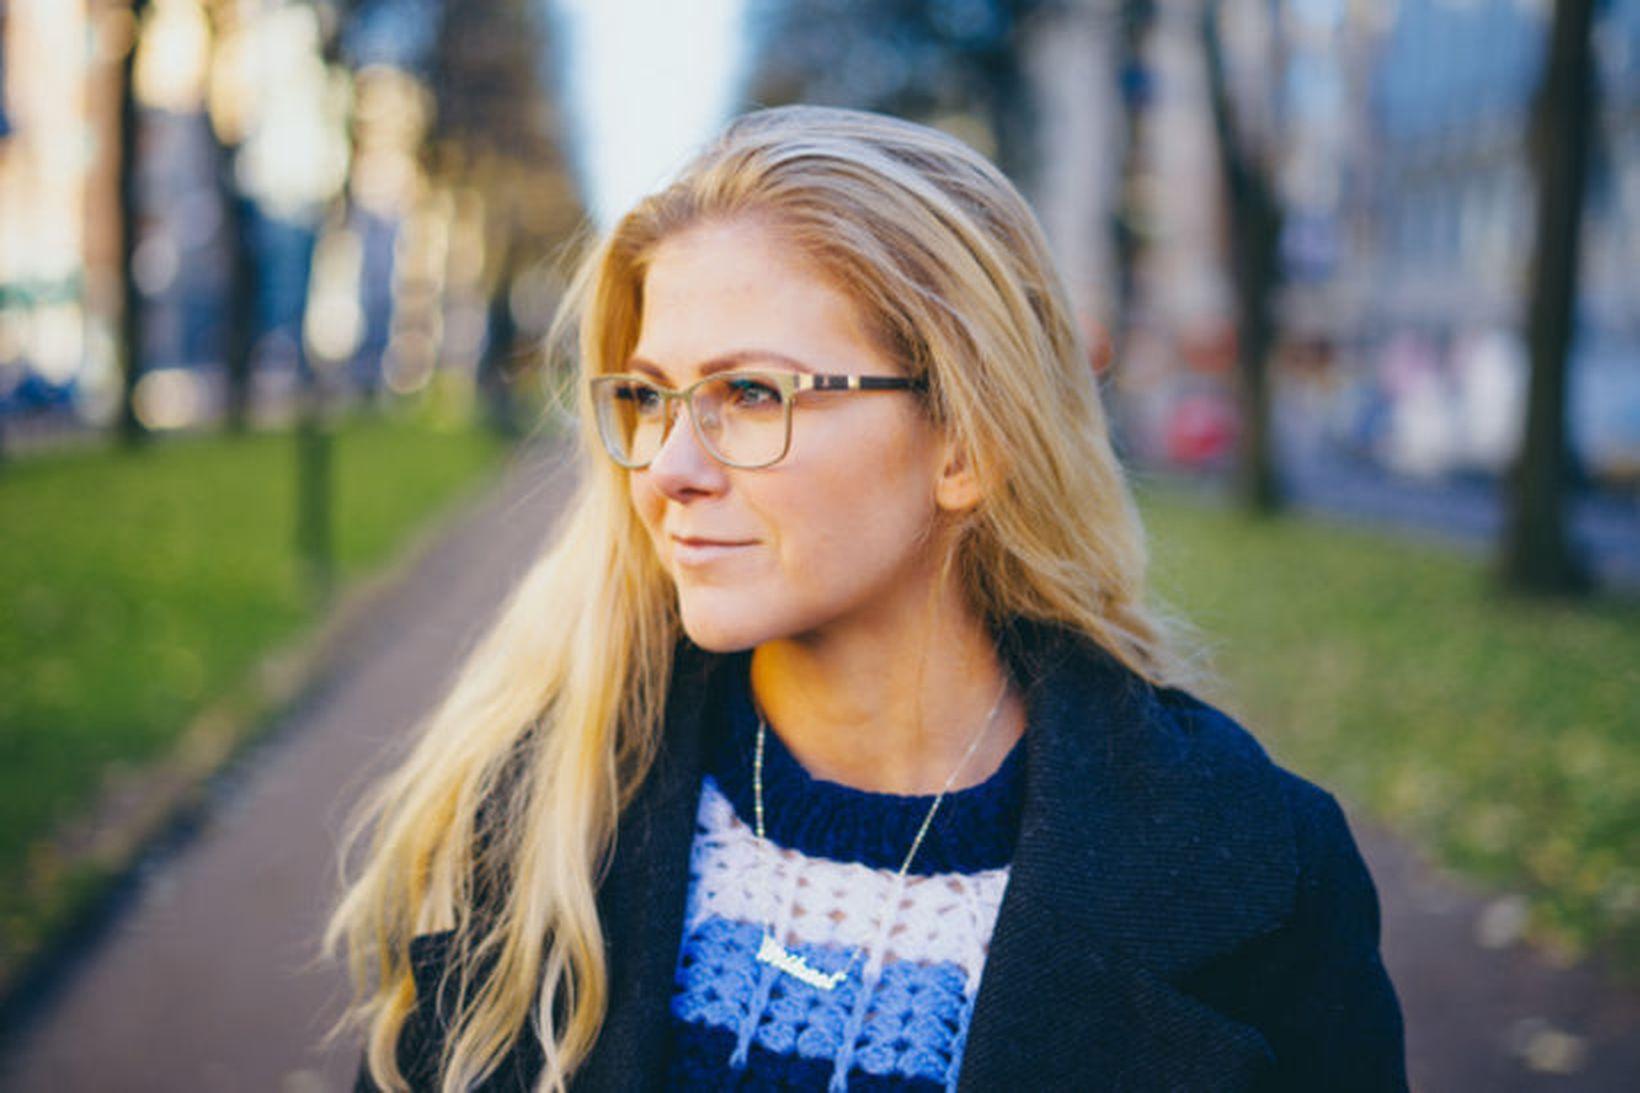 Marína Ósk heldur tónleika á fimmtudaginn næstkomandi.